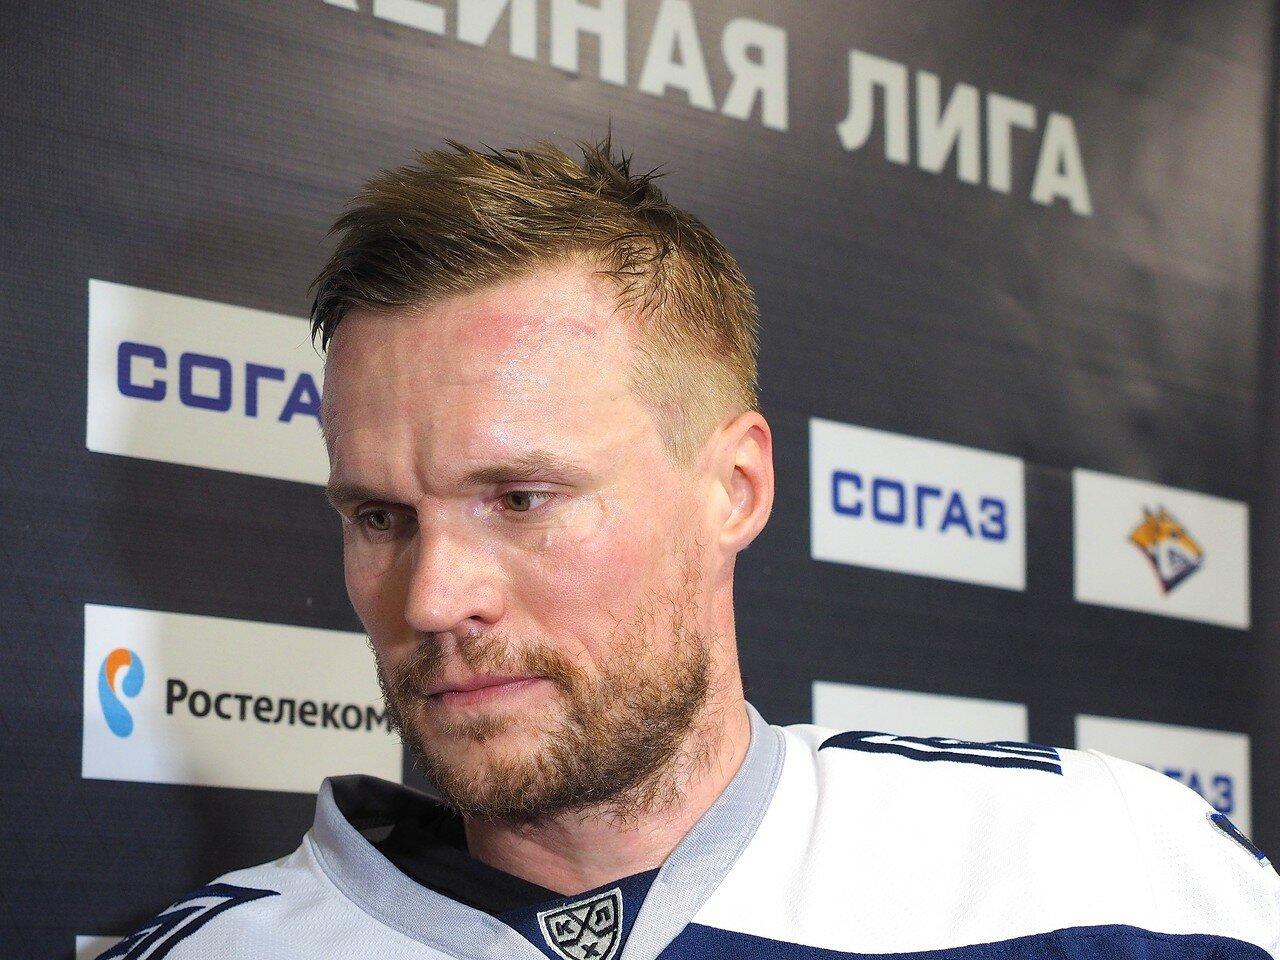 60 Первая игра финала плей-офф восточной конференции 2017 Металлург - АкБарс 24.03.2017